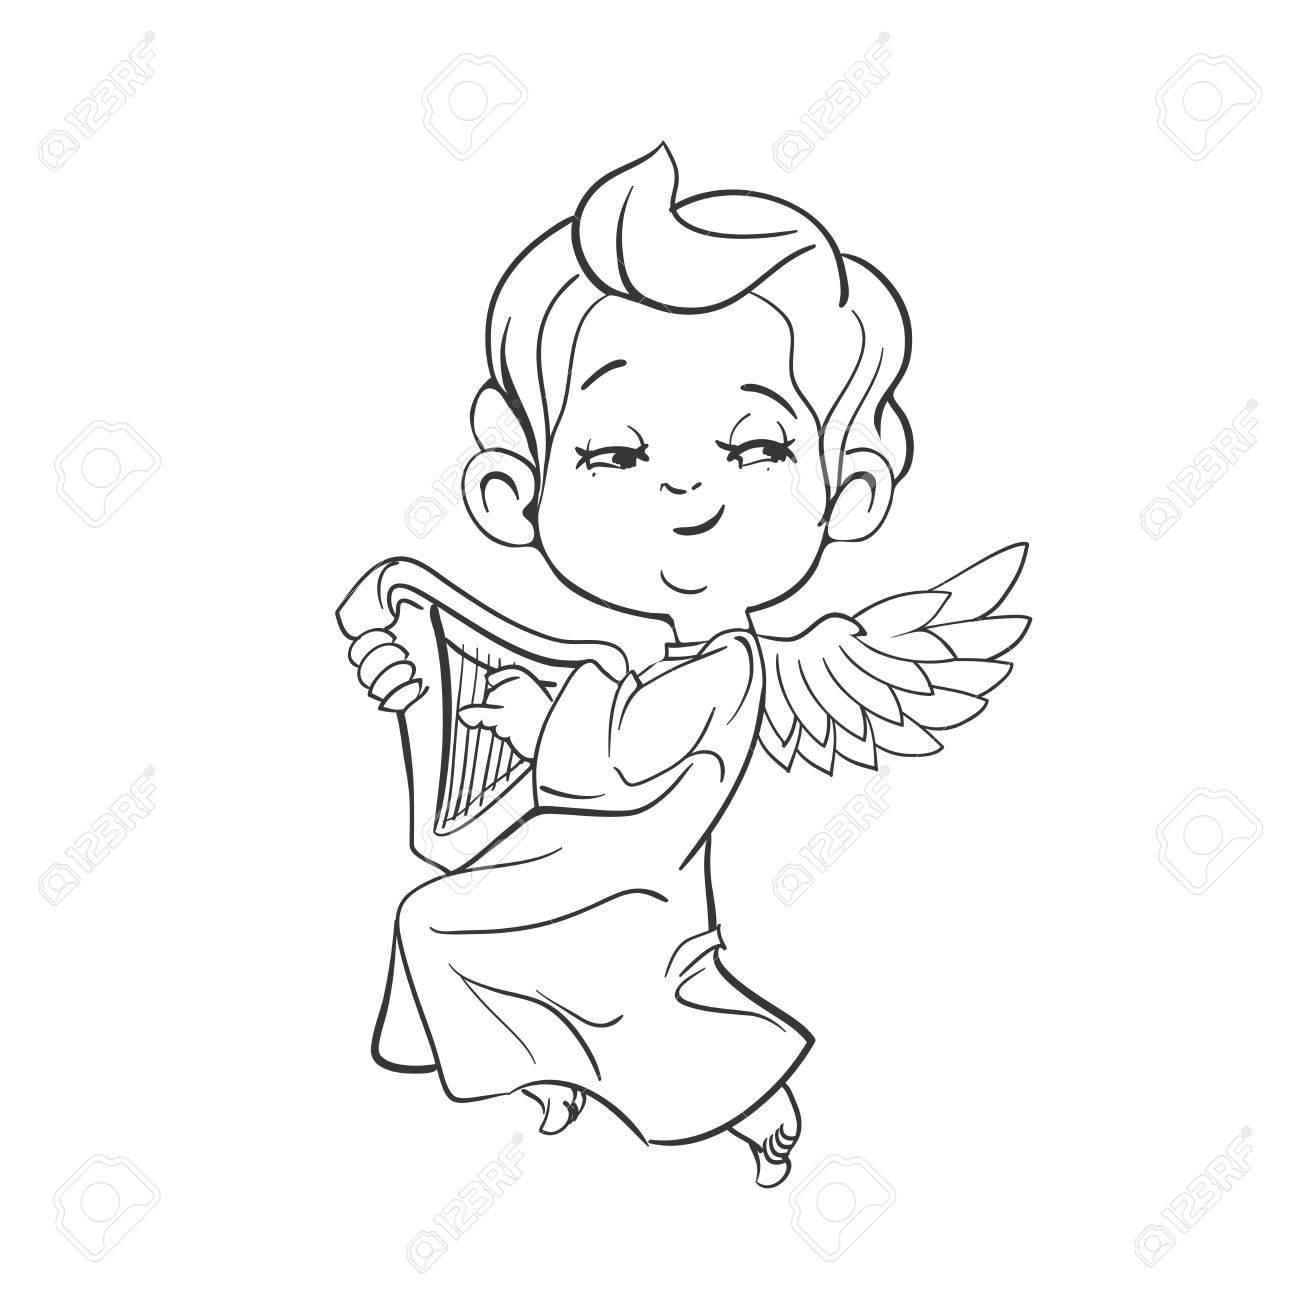 Nettes Lächelndes Baby-Engel Musik Plaing Harfe. Vektor-Illustration ...